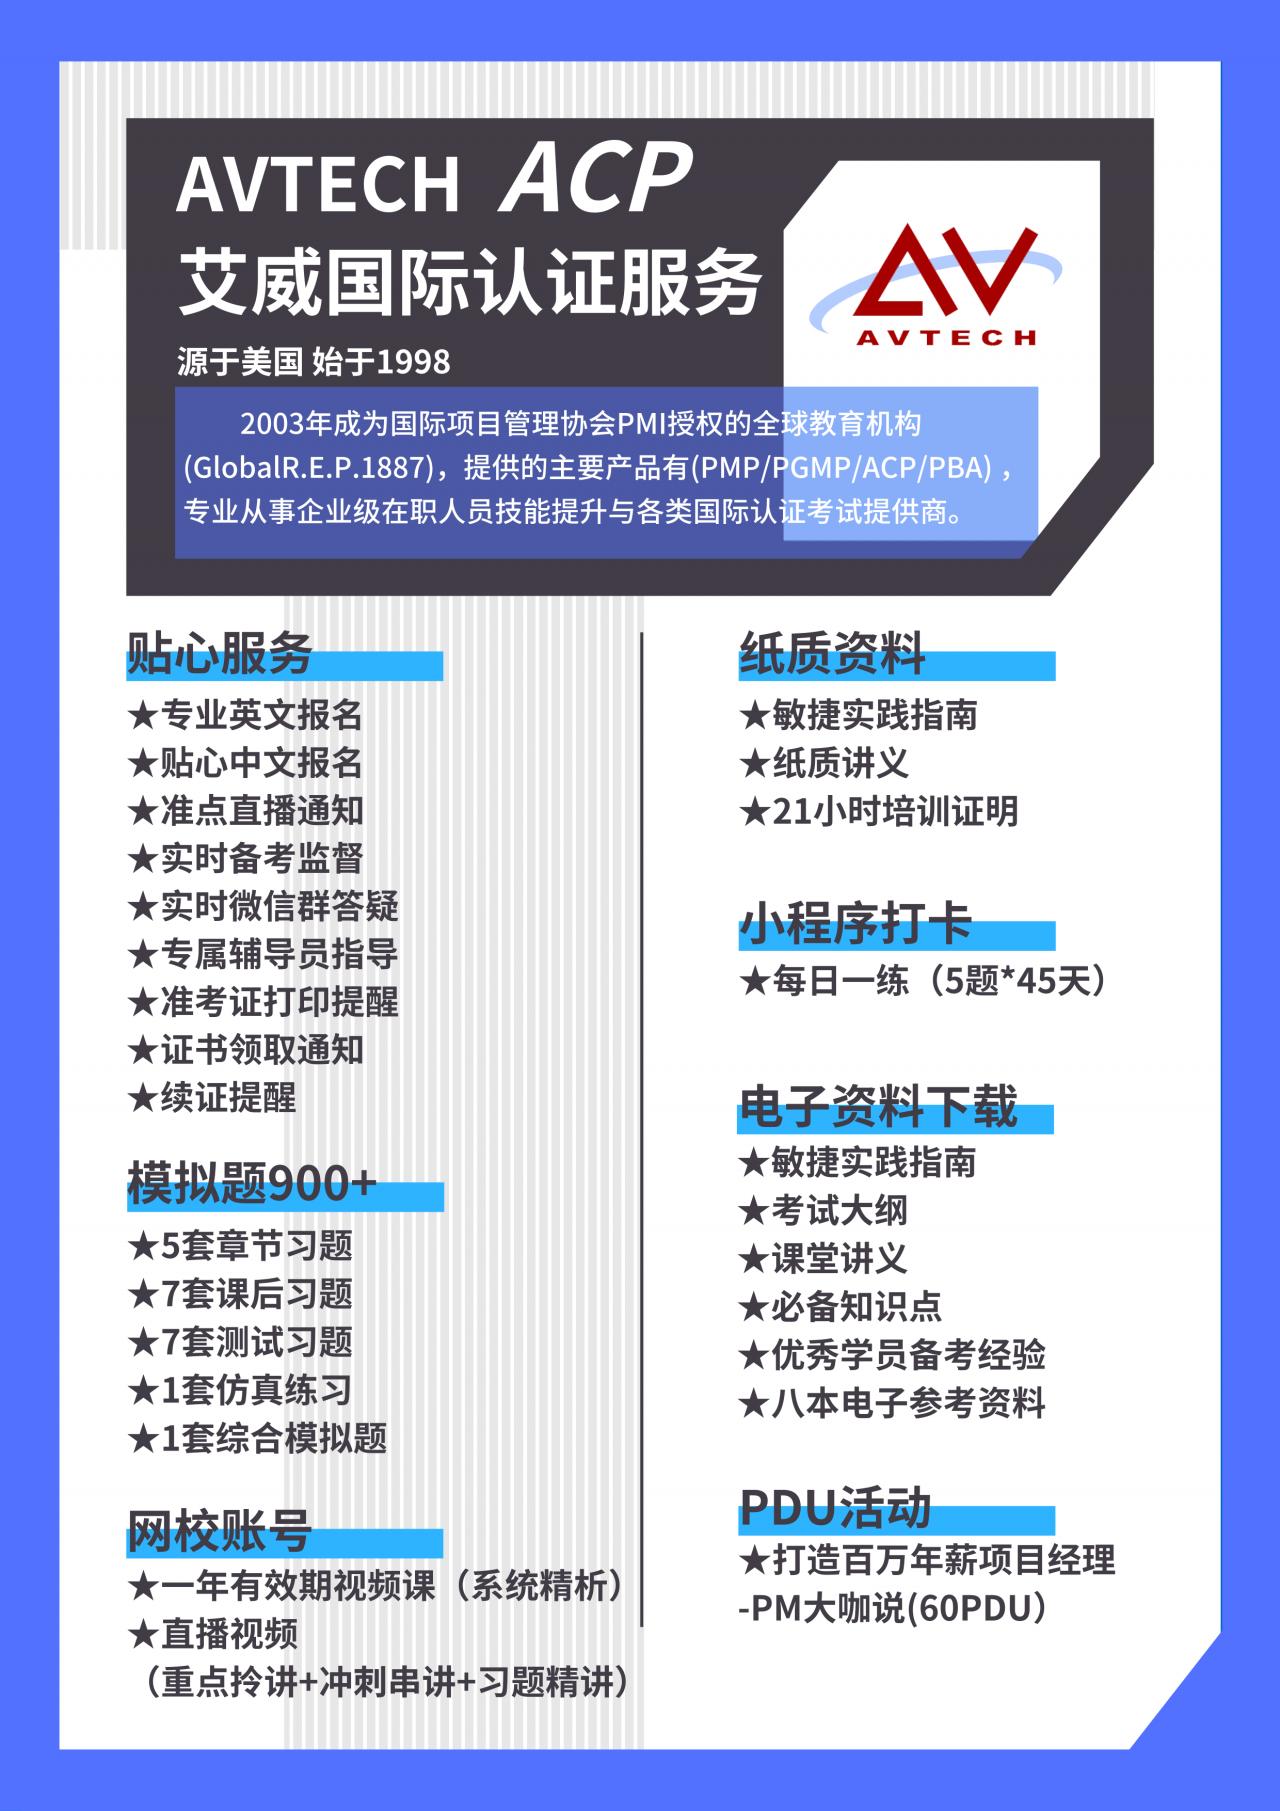 内蒙古ACP考试怎么报名?考一个ACP认证要花多少钱?ACP官网是什么? -- 第4张